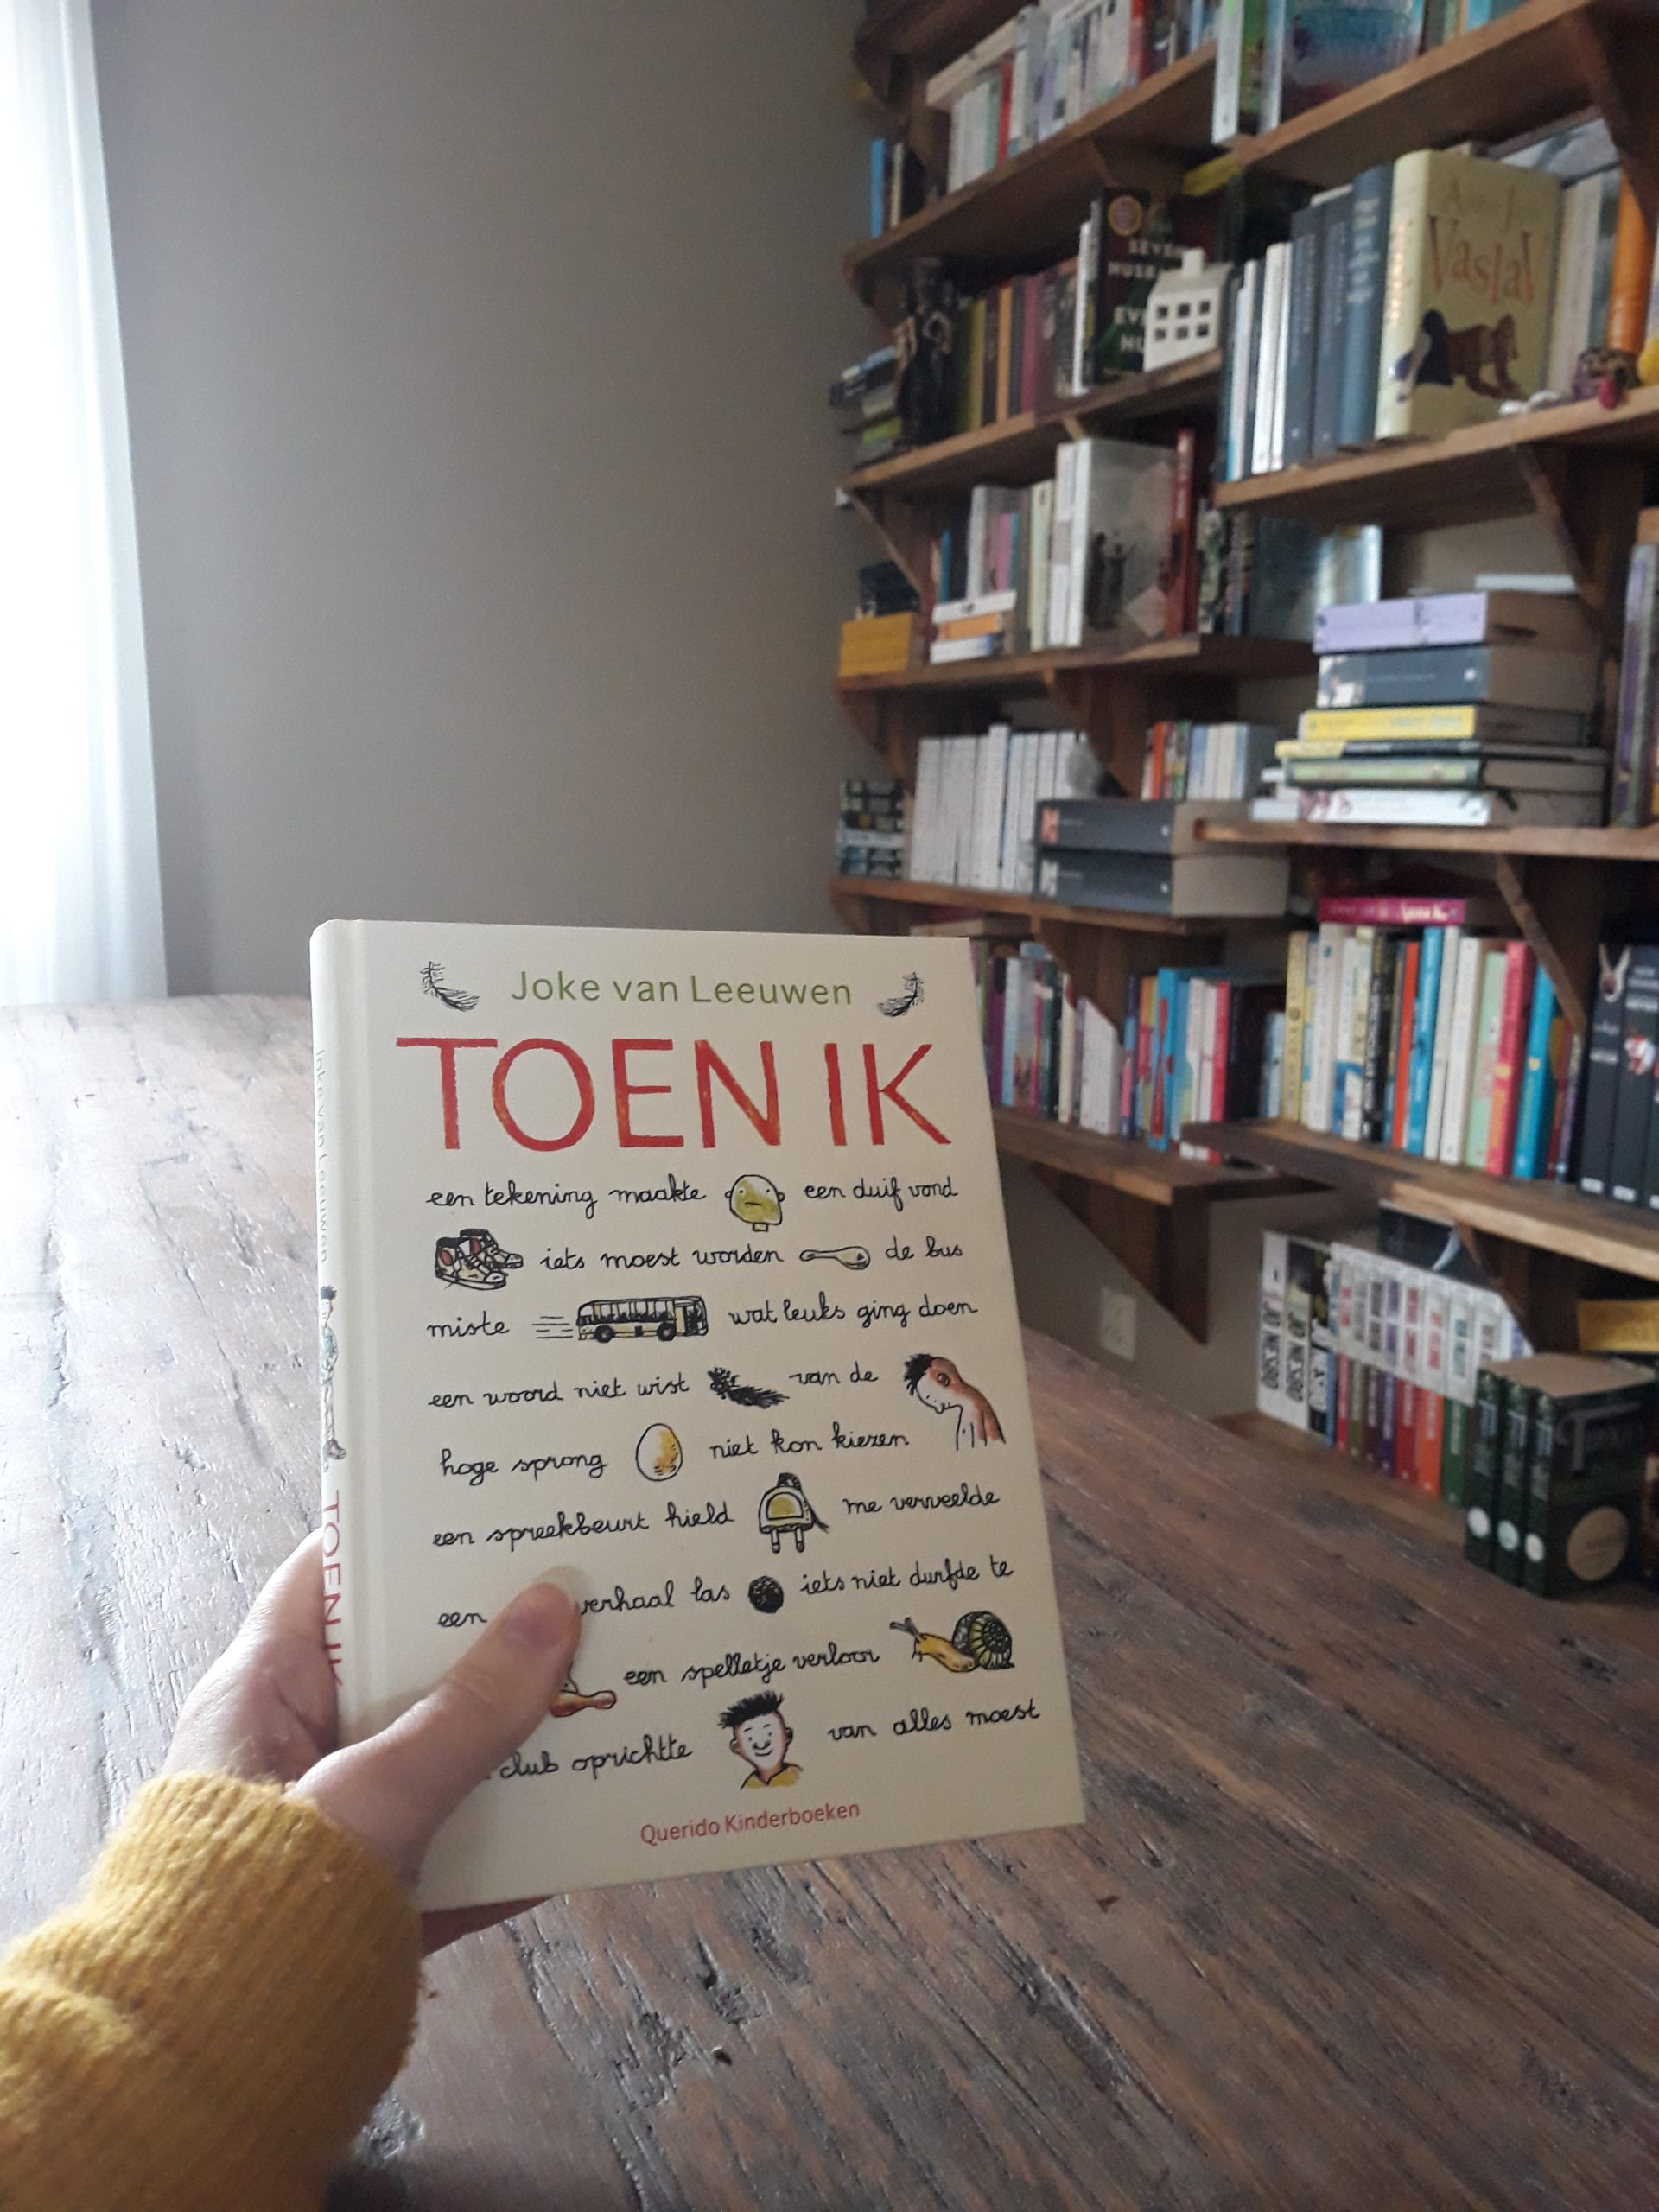 Boekrecensie: Toen ik – Joke van Leeuwen